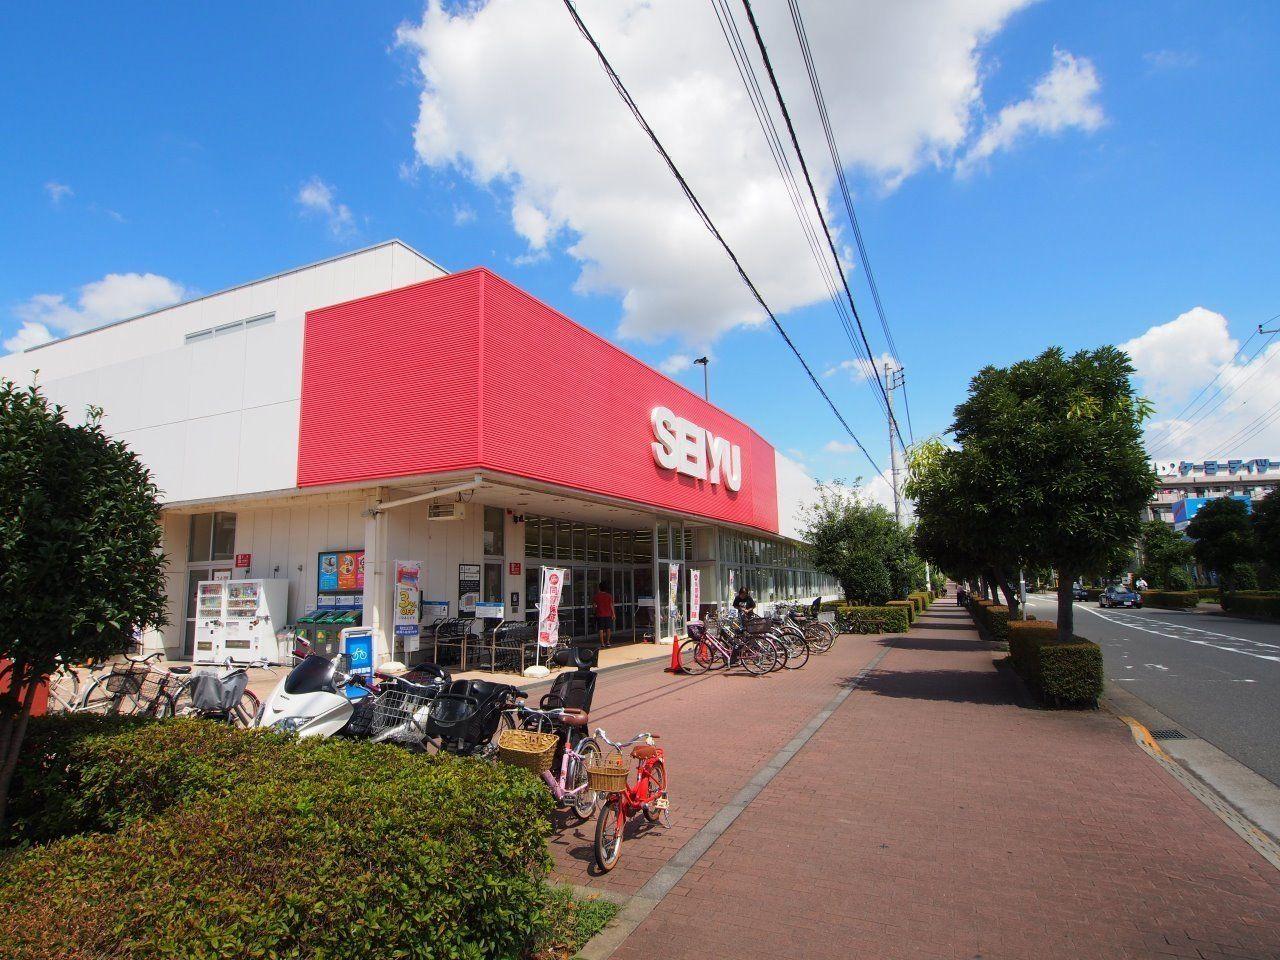 24時間営業の便利なスーパー。ソリドールから「約830m」